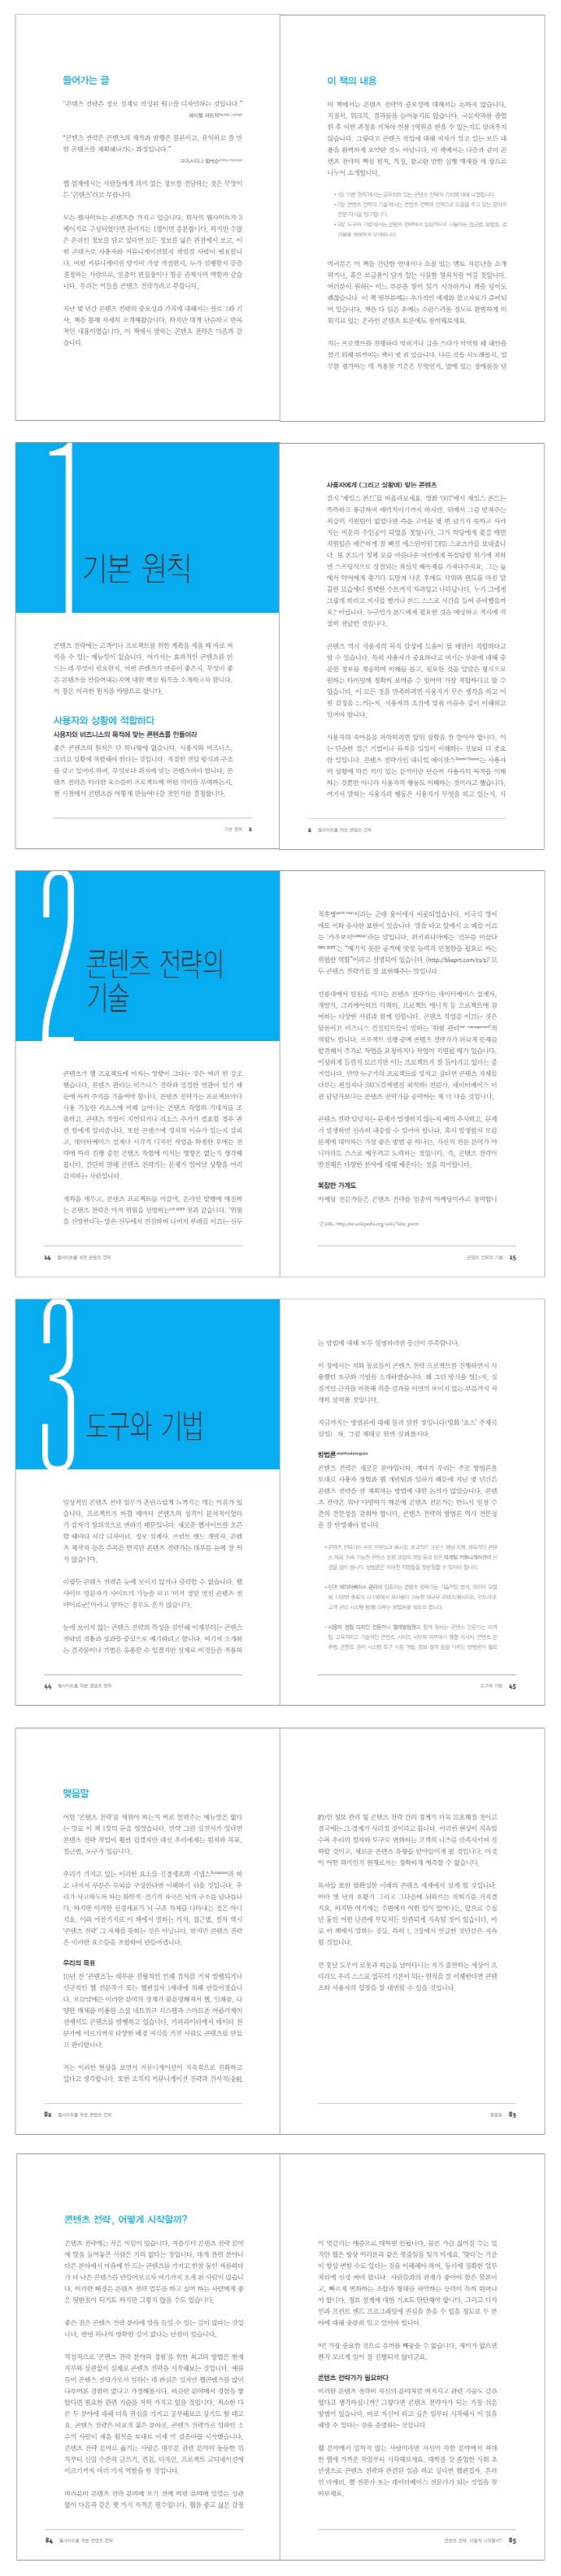 웹사이트를 위한 콘텐츠 전략(아름다운 웹사이트 만들기 시리즈 3) 도서 상세이미지